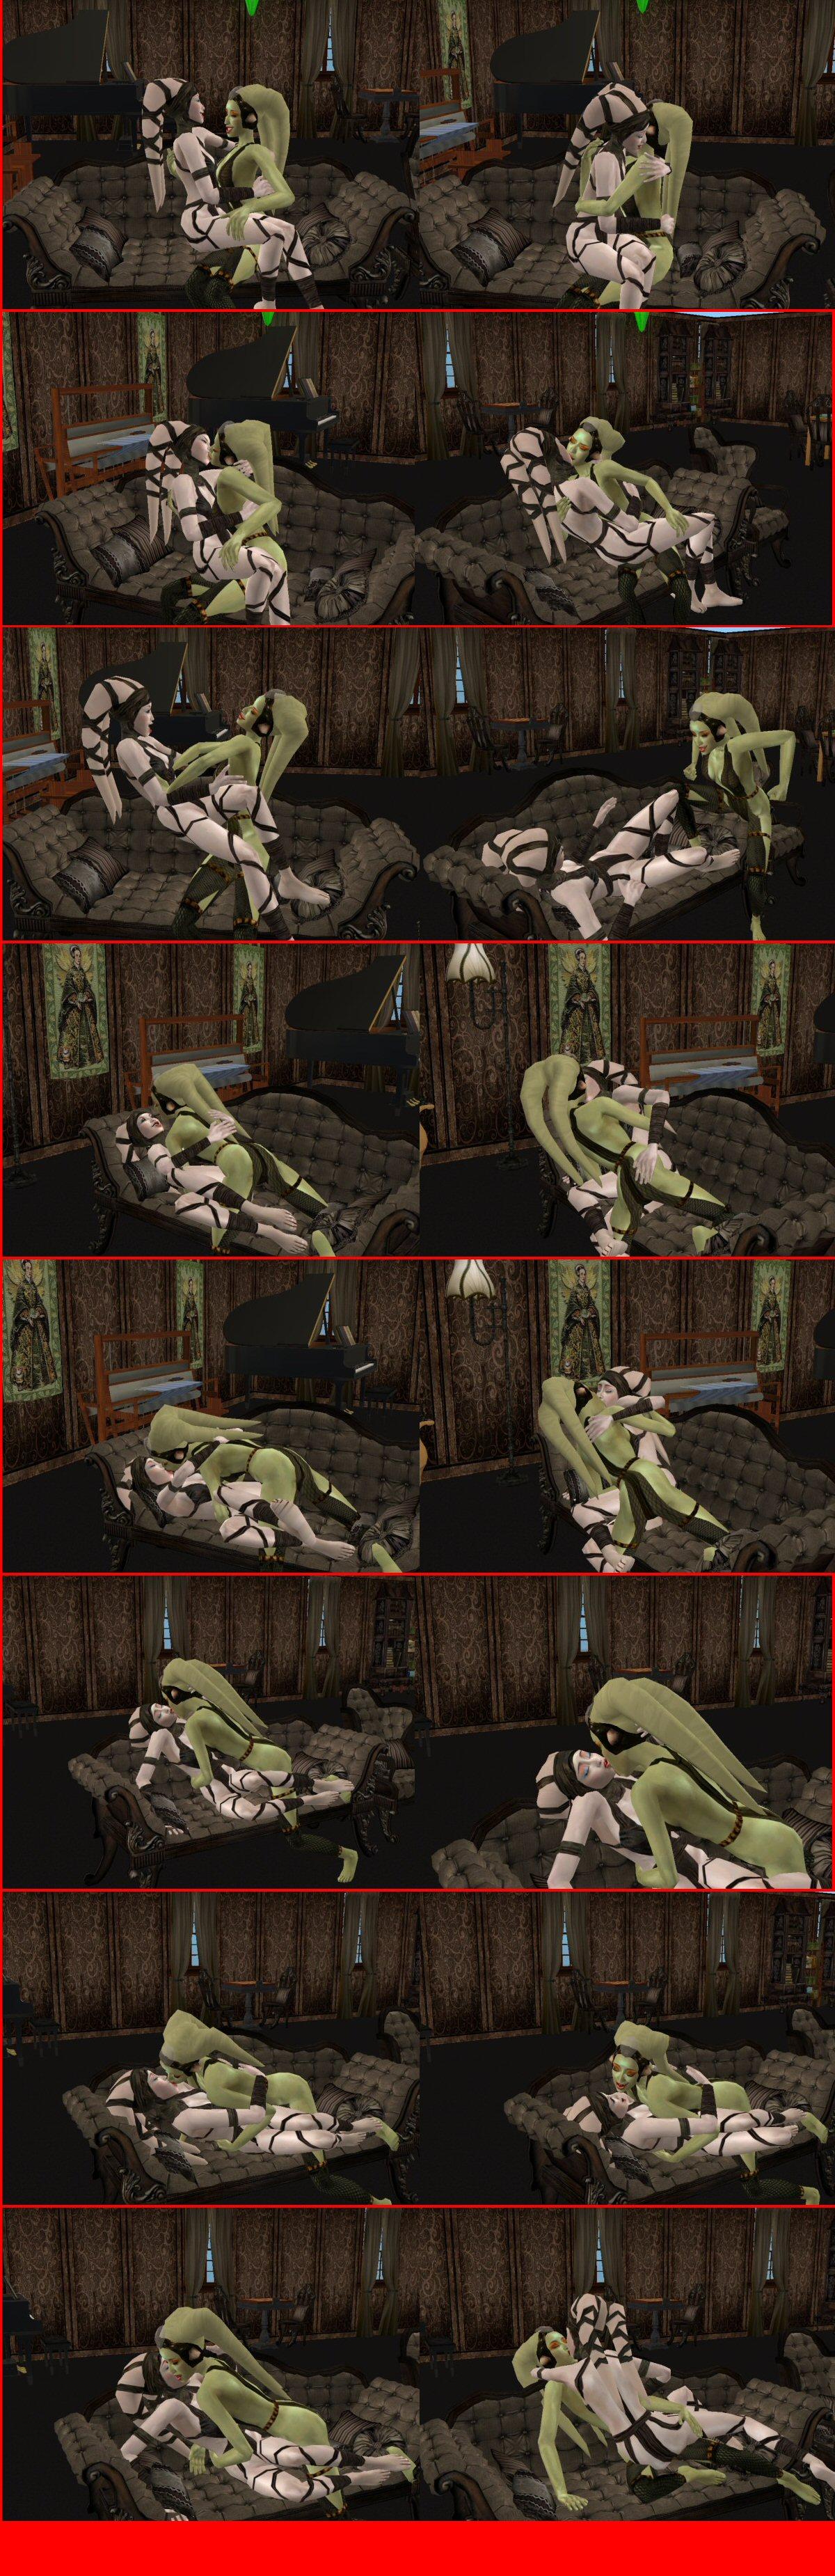 Sims 2: Oola+Lyn Me 1 by GeminiGirl83